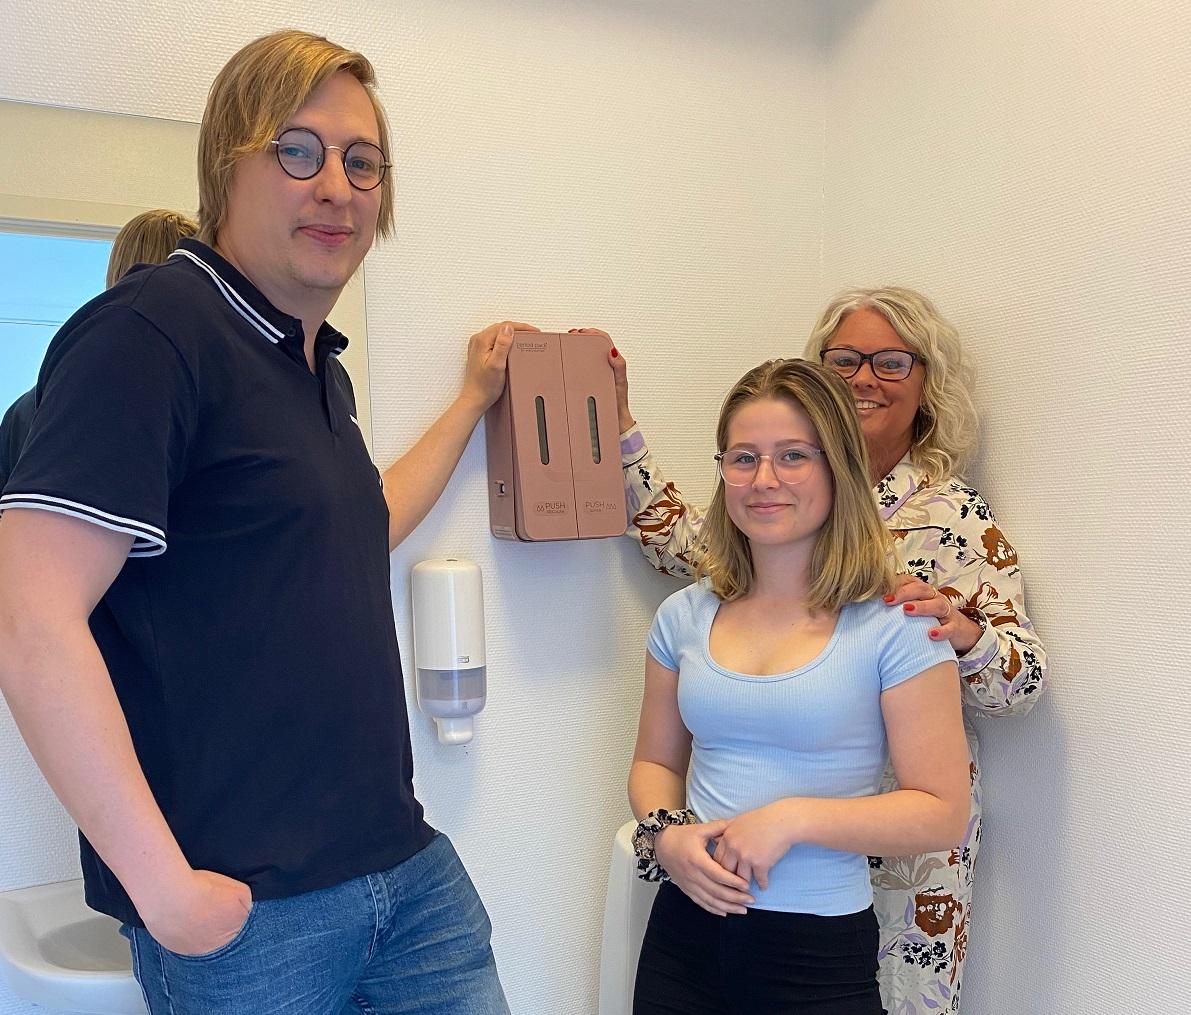 Tildas debattinlägg var startskottet – nu erbjuder Thoren Framtid i Hässleholm gratis mensskydd till eleverna